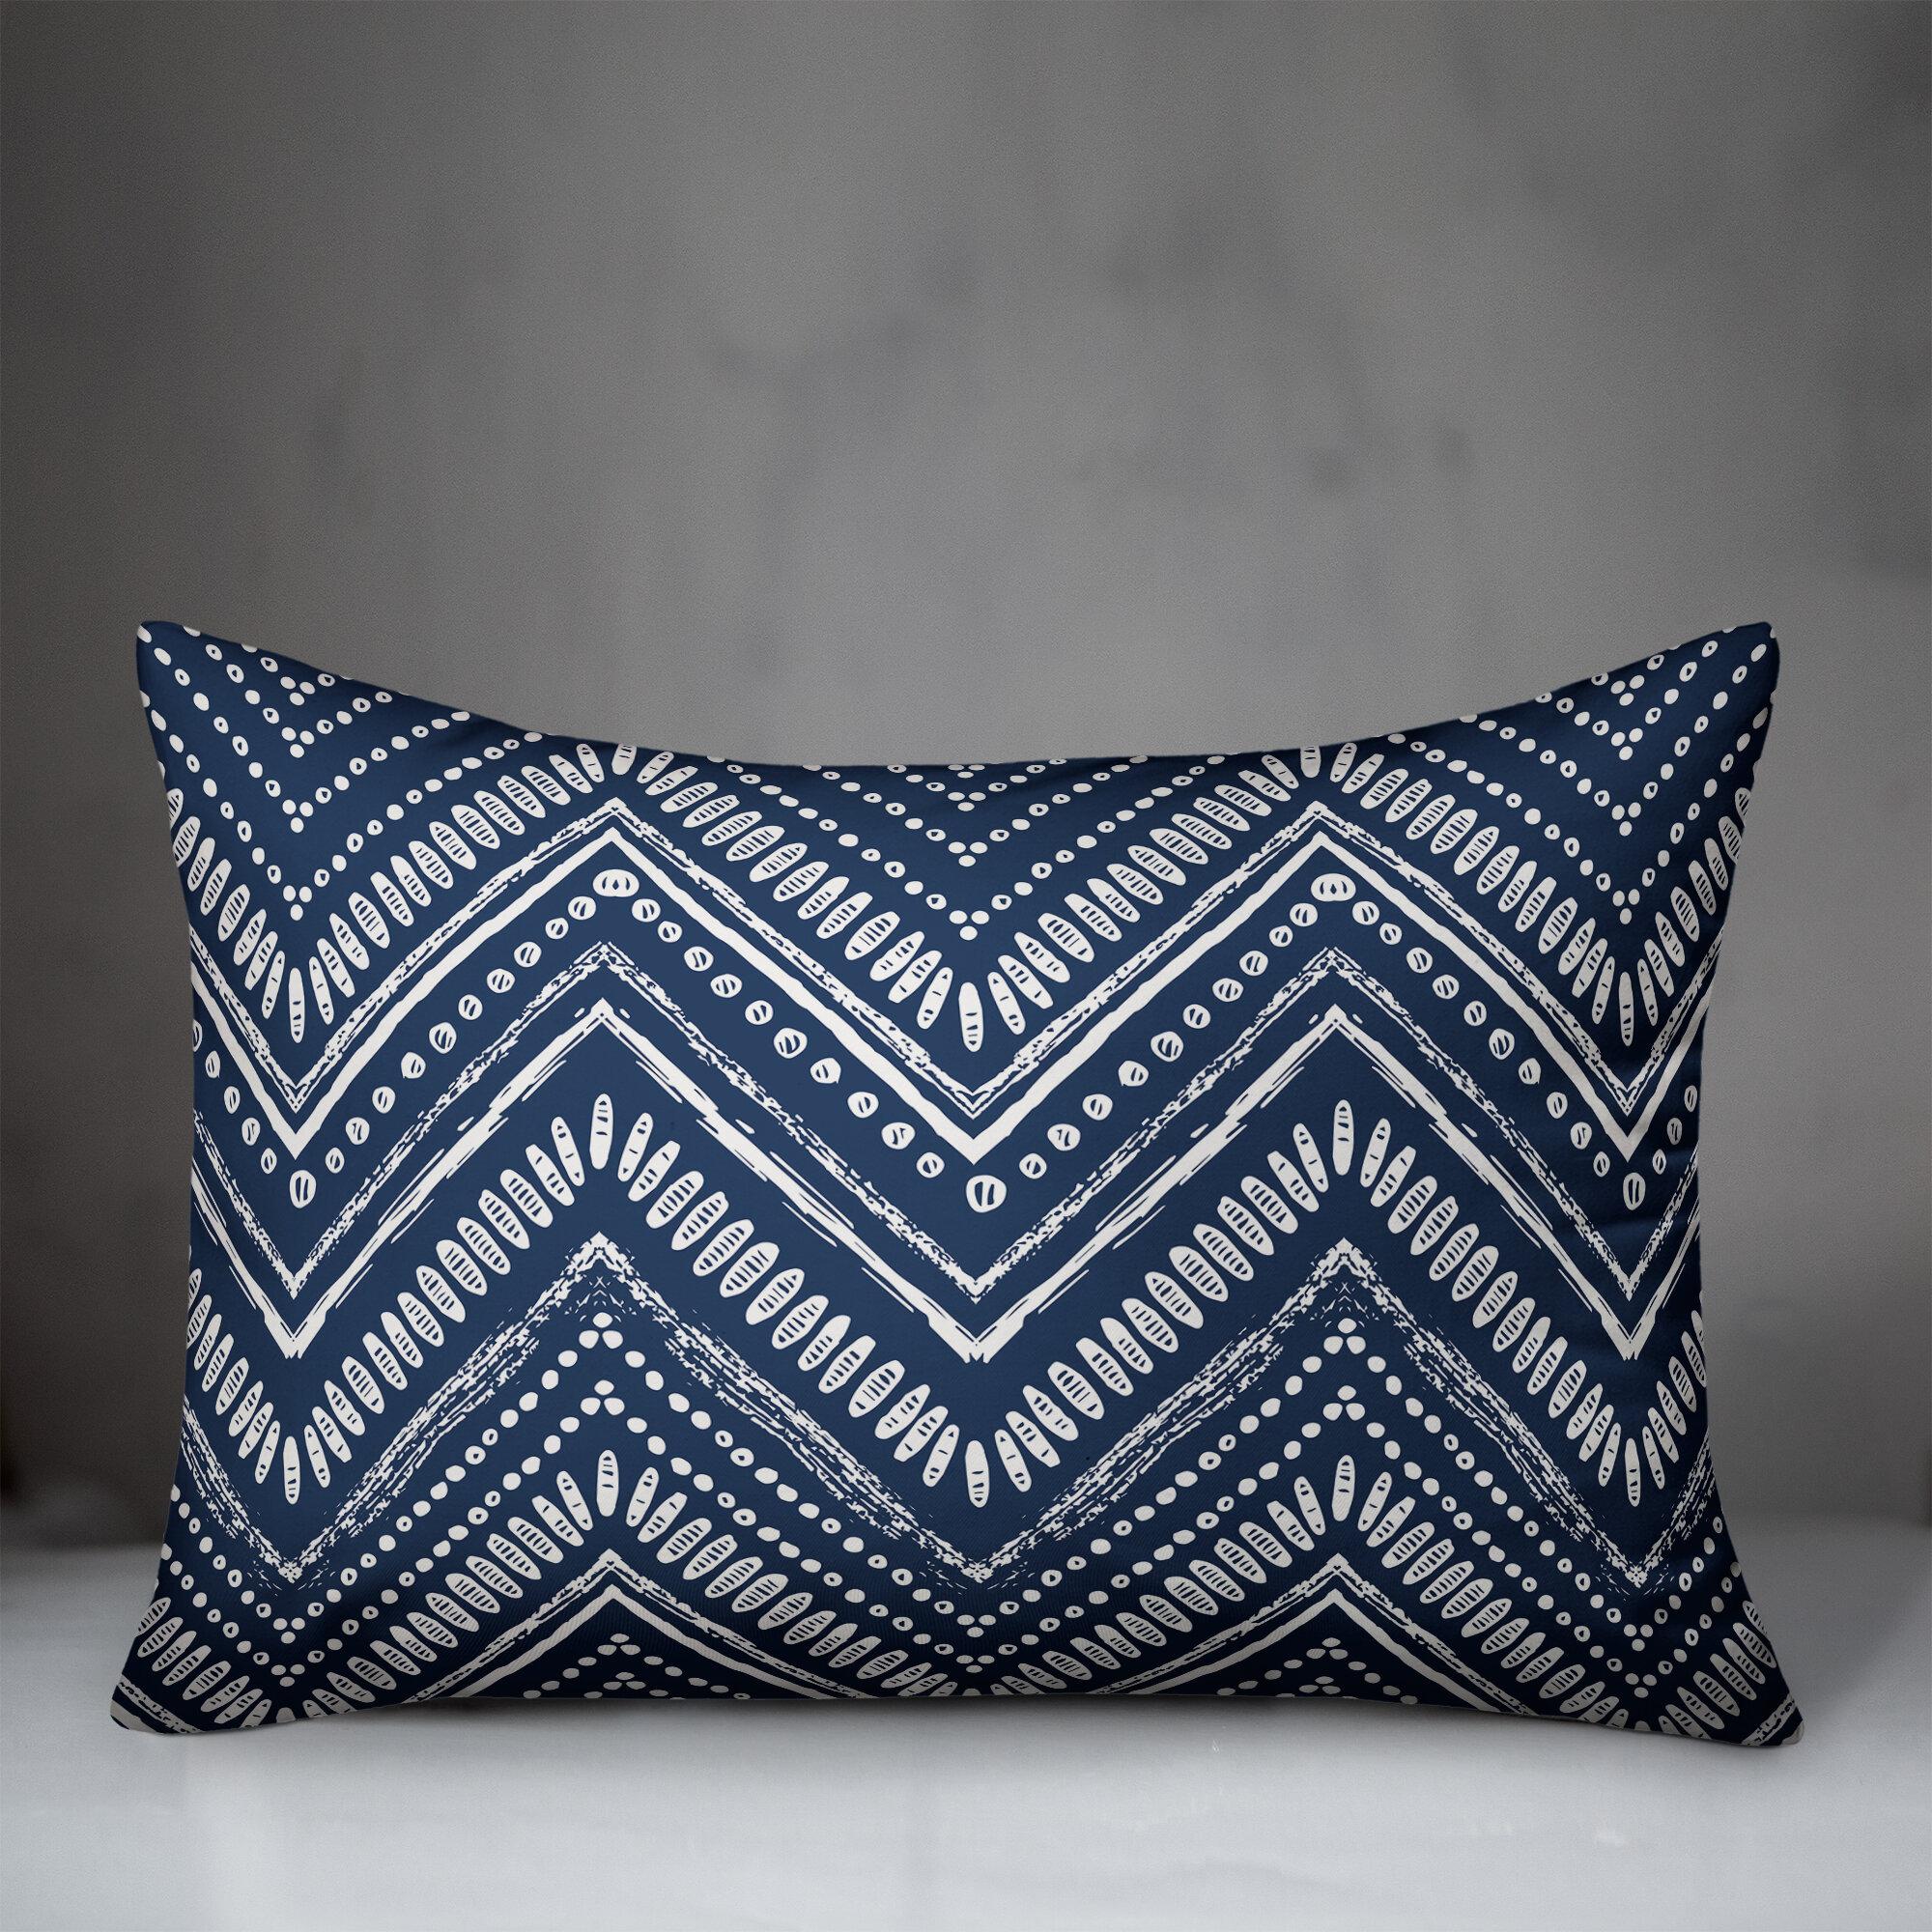 orbison boho chevron indoor outdoor lumbar pillow